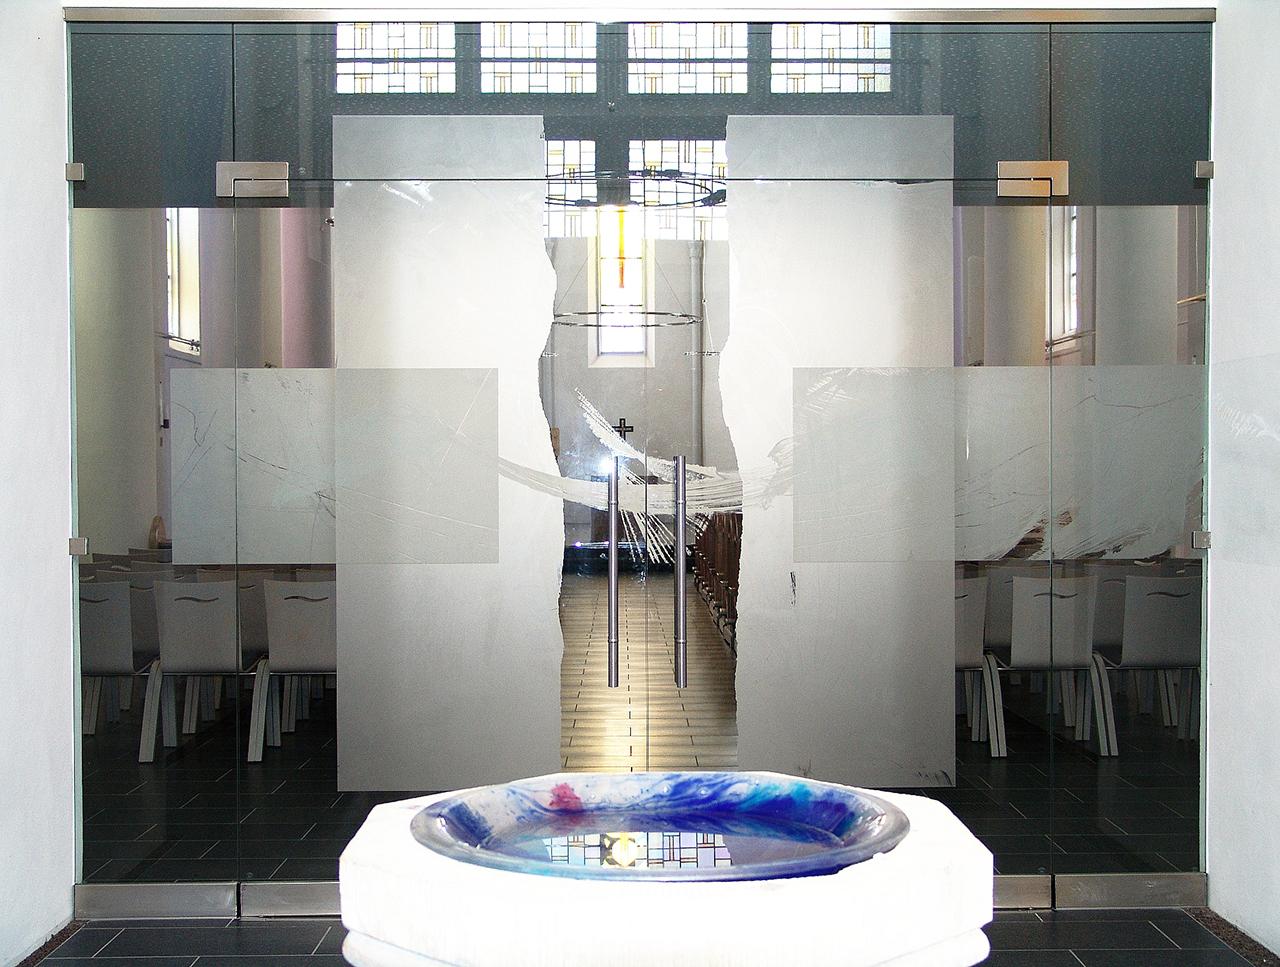 Ätzmattierung Windfang Kath. Kirche Rhaunen 2005